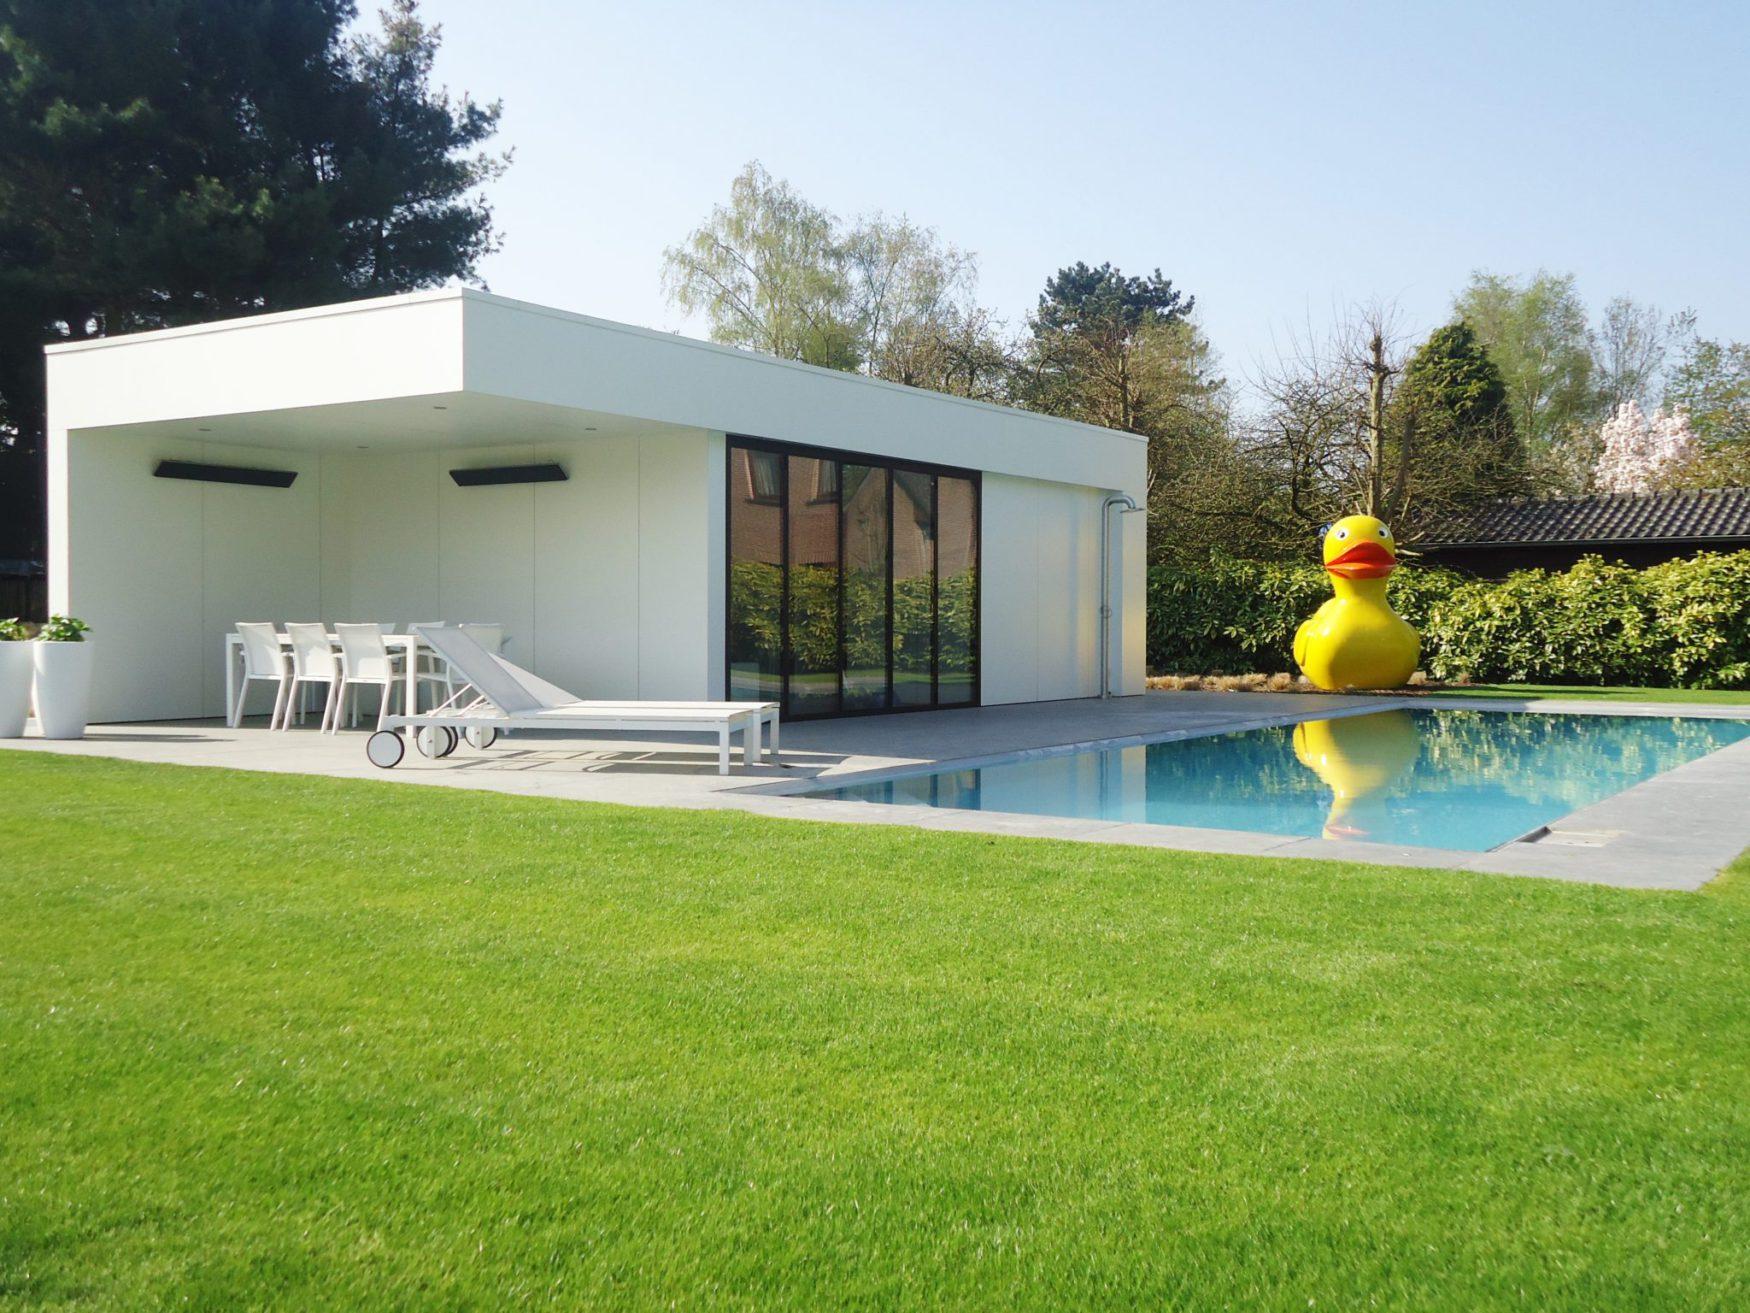 Beton zwembad met liner en modern poolhouse dcpools